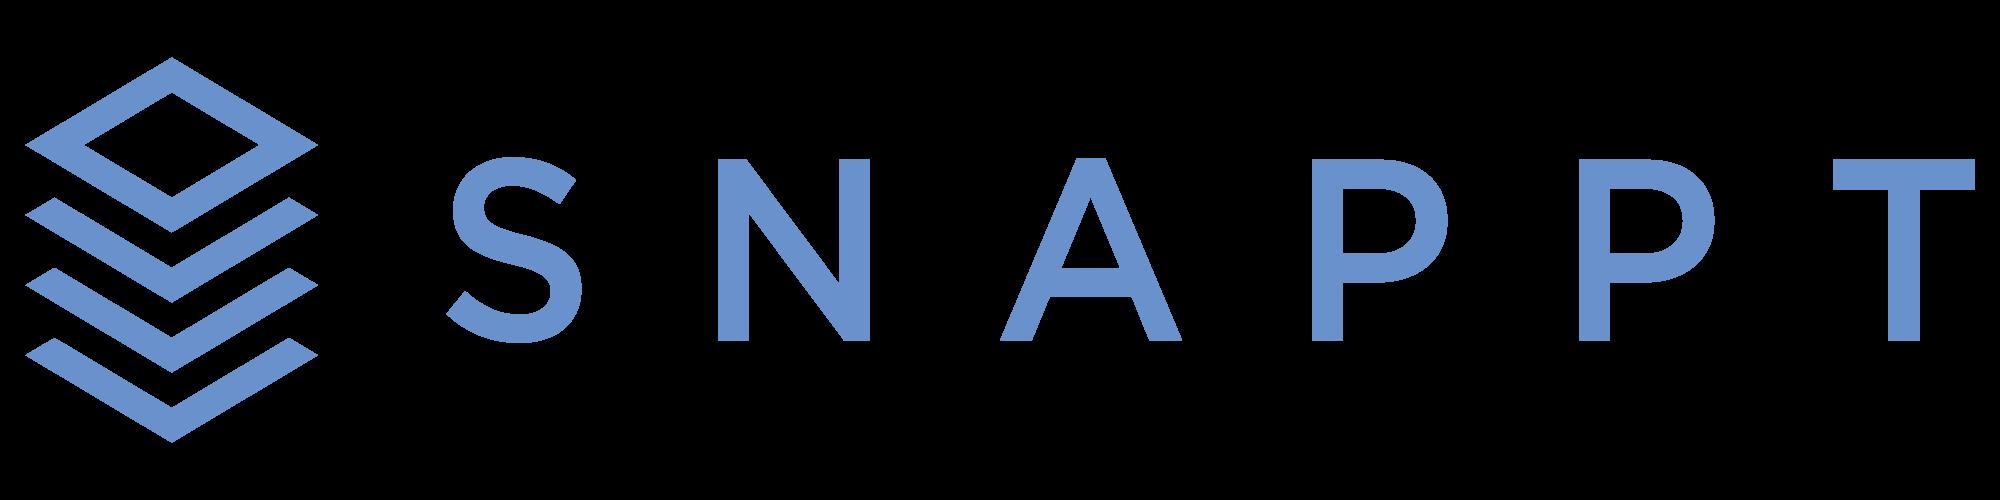 logo-snappt